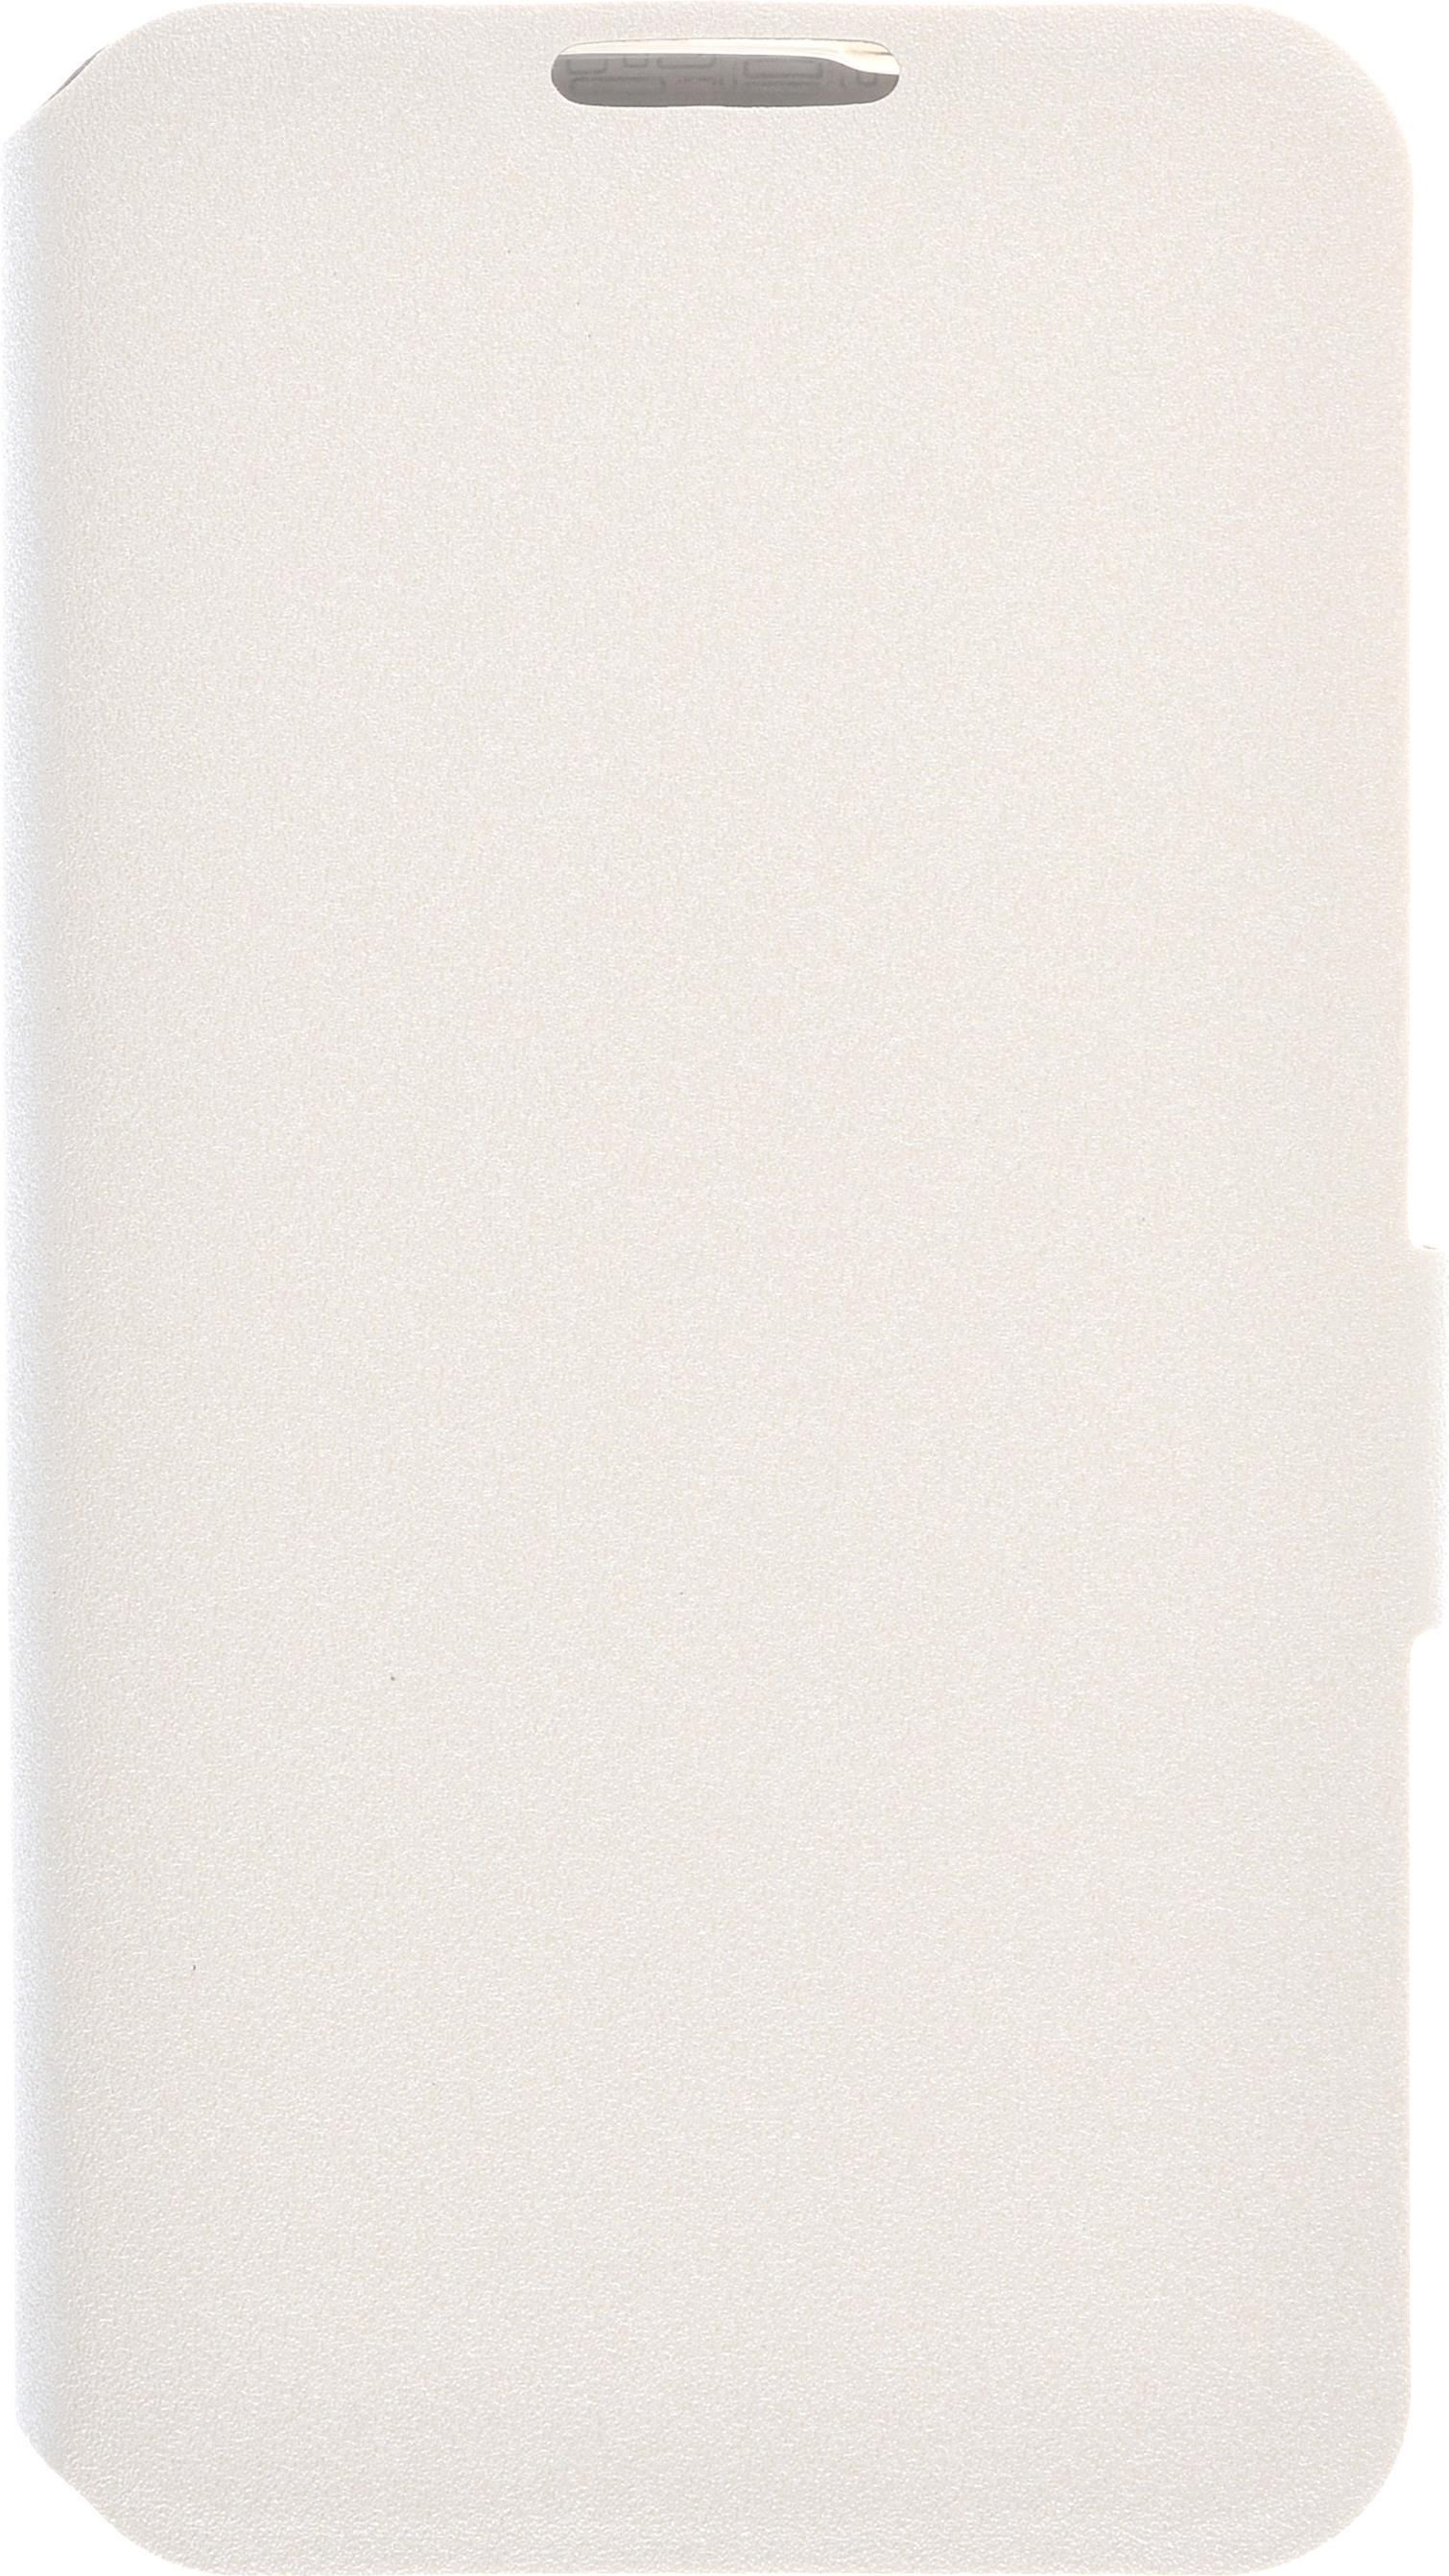 Чехол для сотового телефона PRIME Book, 4630042527980, белый lg cfr 100c agrawh чехол книжка полиуретан белый